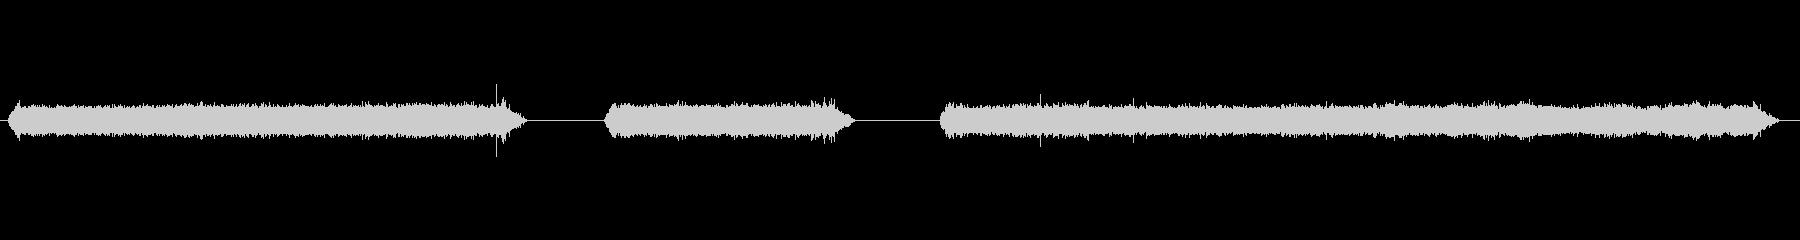 ウィーーーーーン バリカンの音の未再生の波形